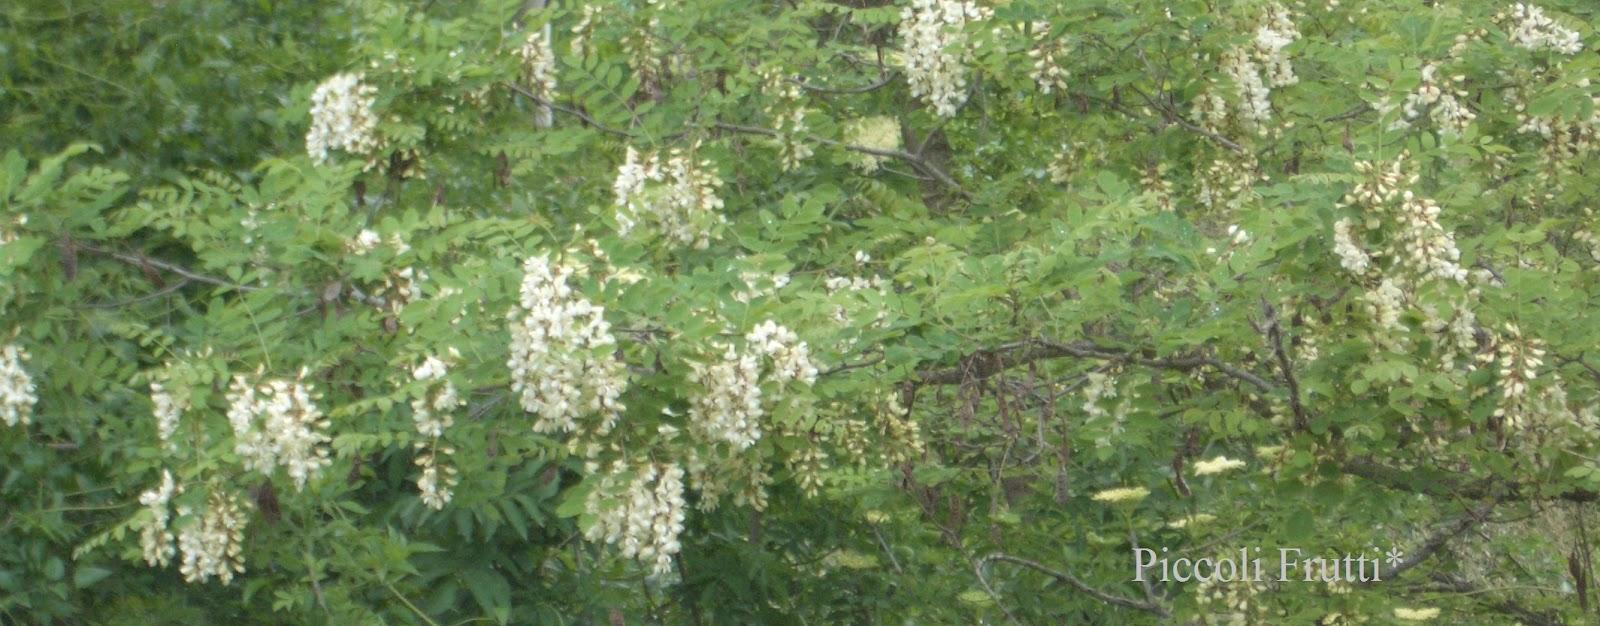 le migliori piante medicinali per dimagrire